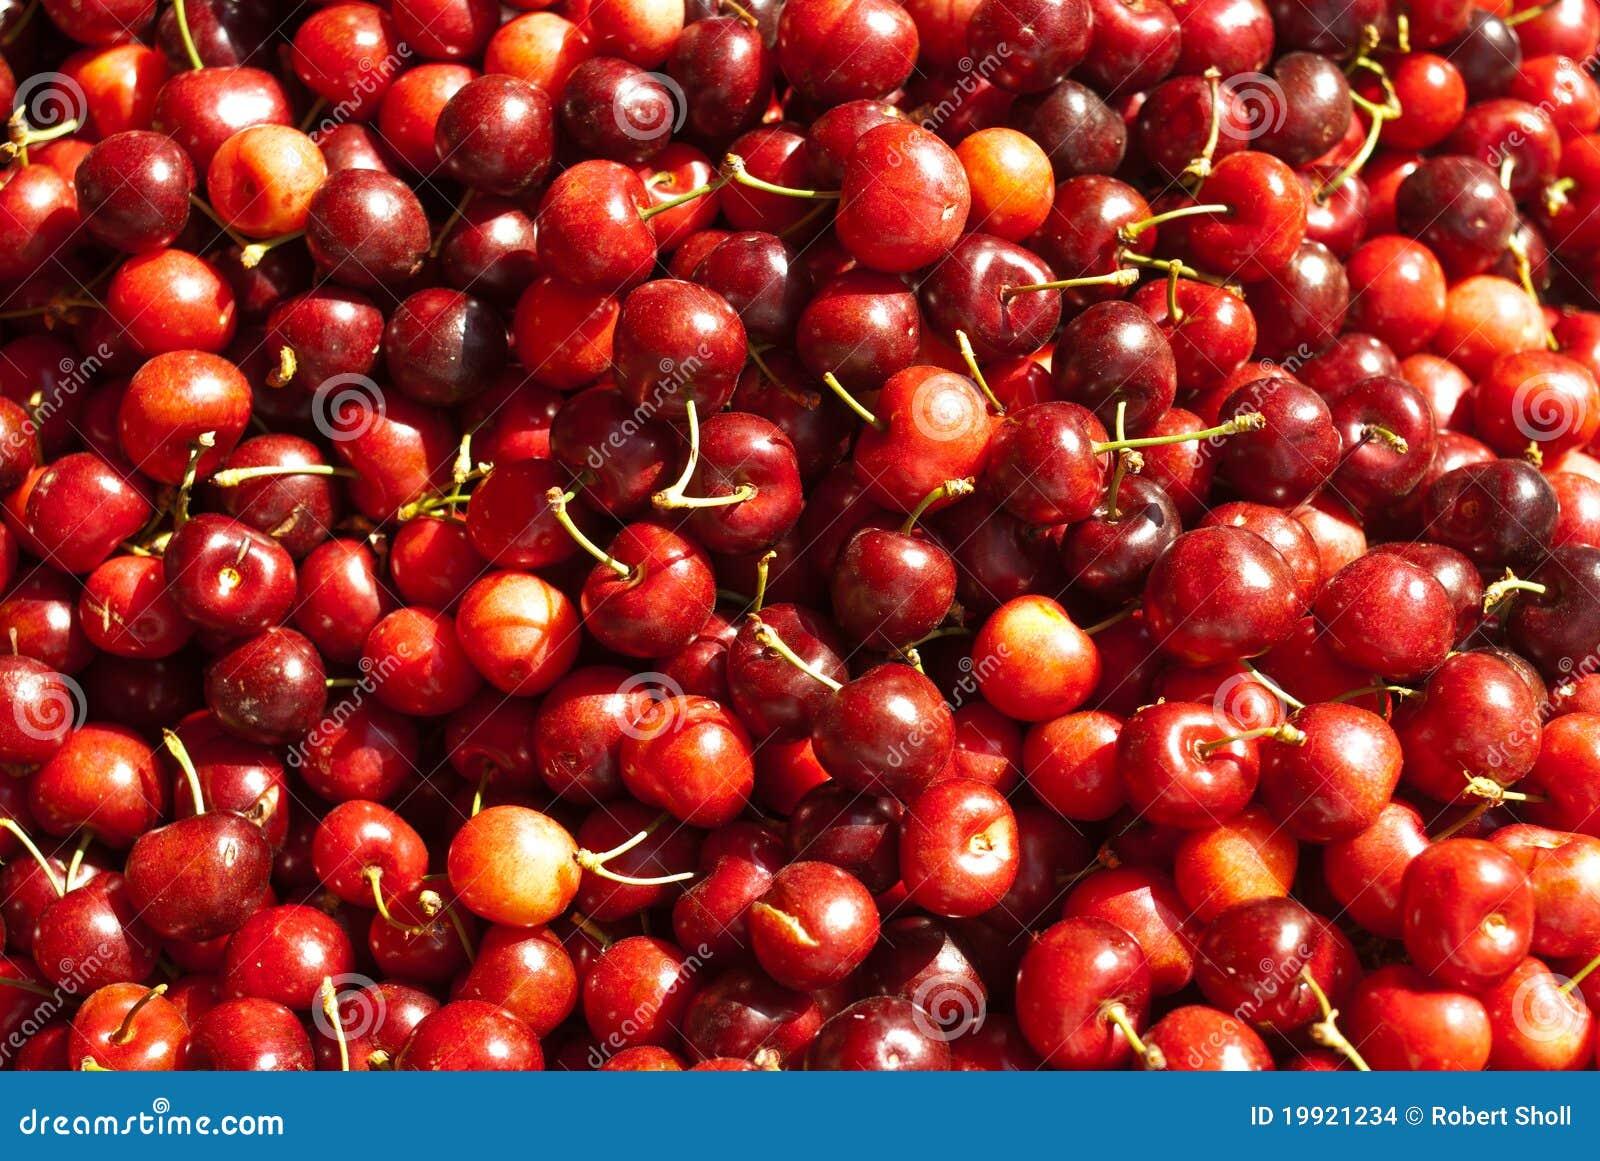 Organische rote Kirschen